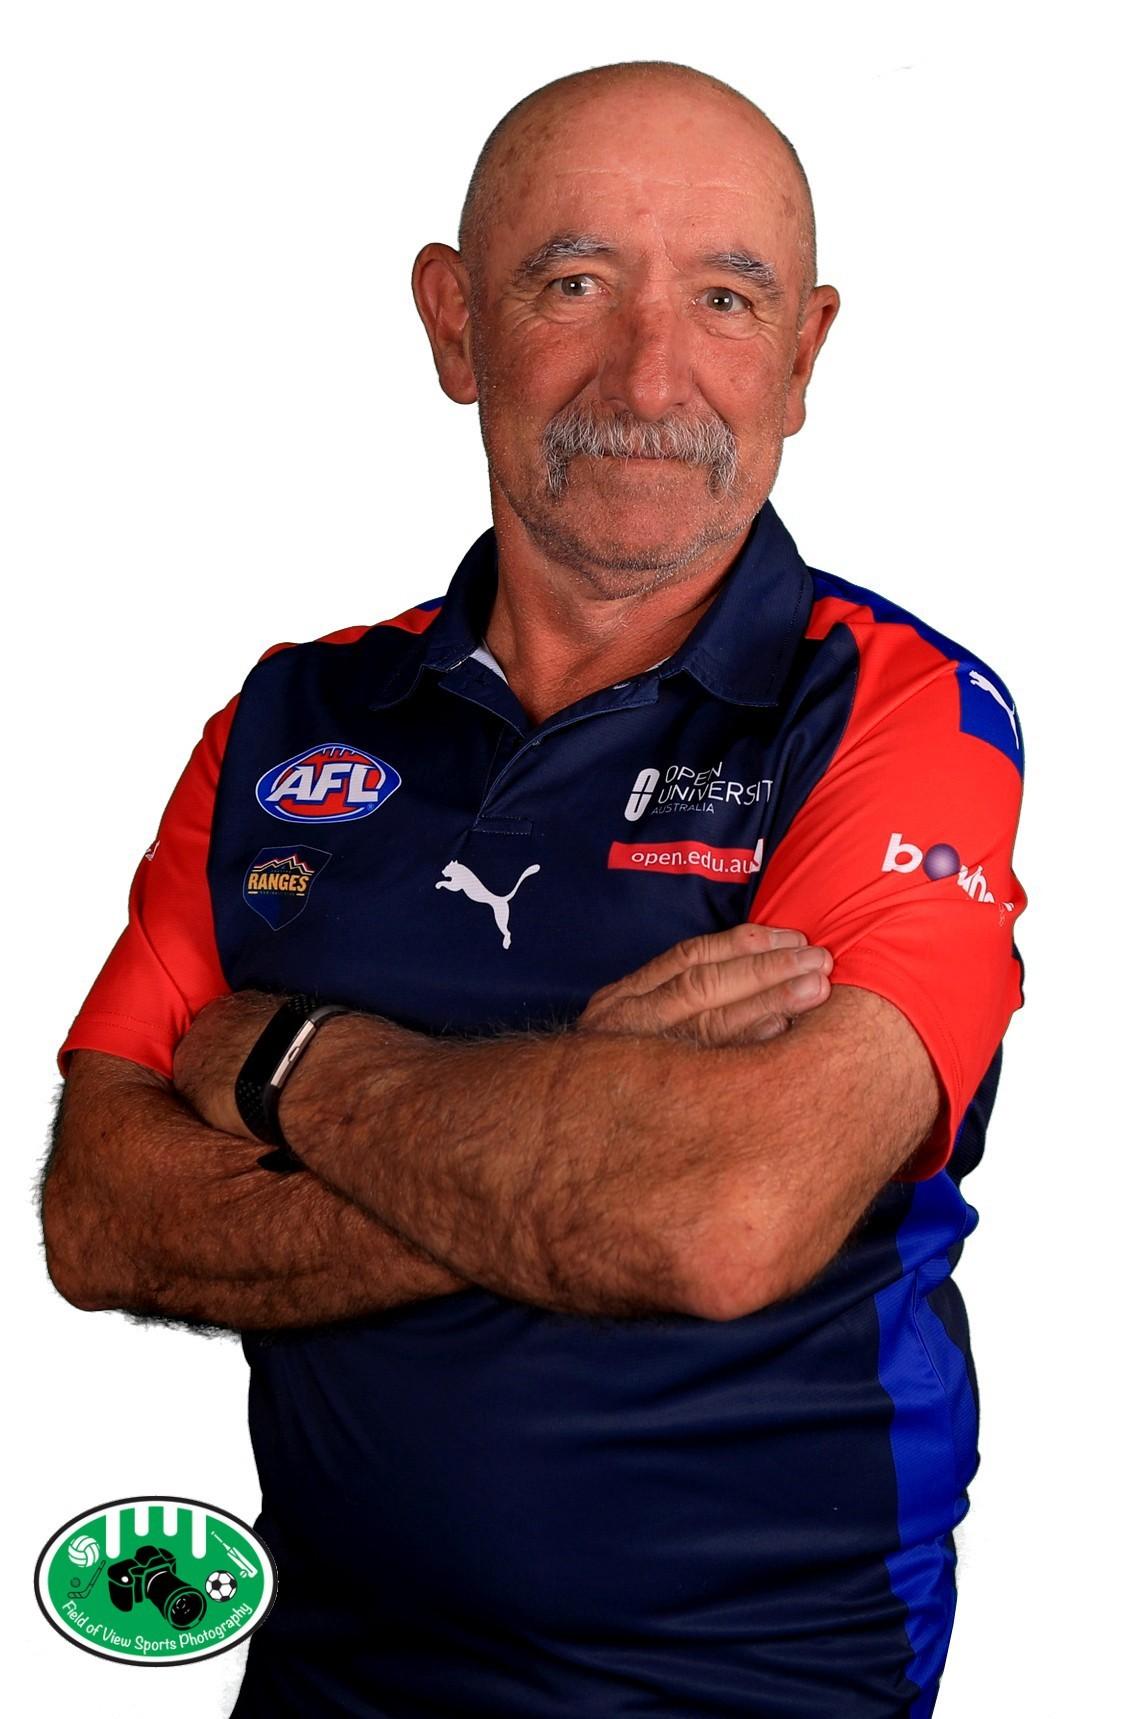 Peter Axton